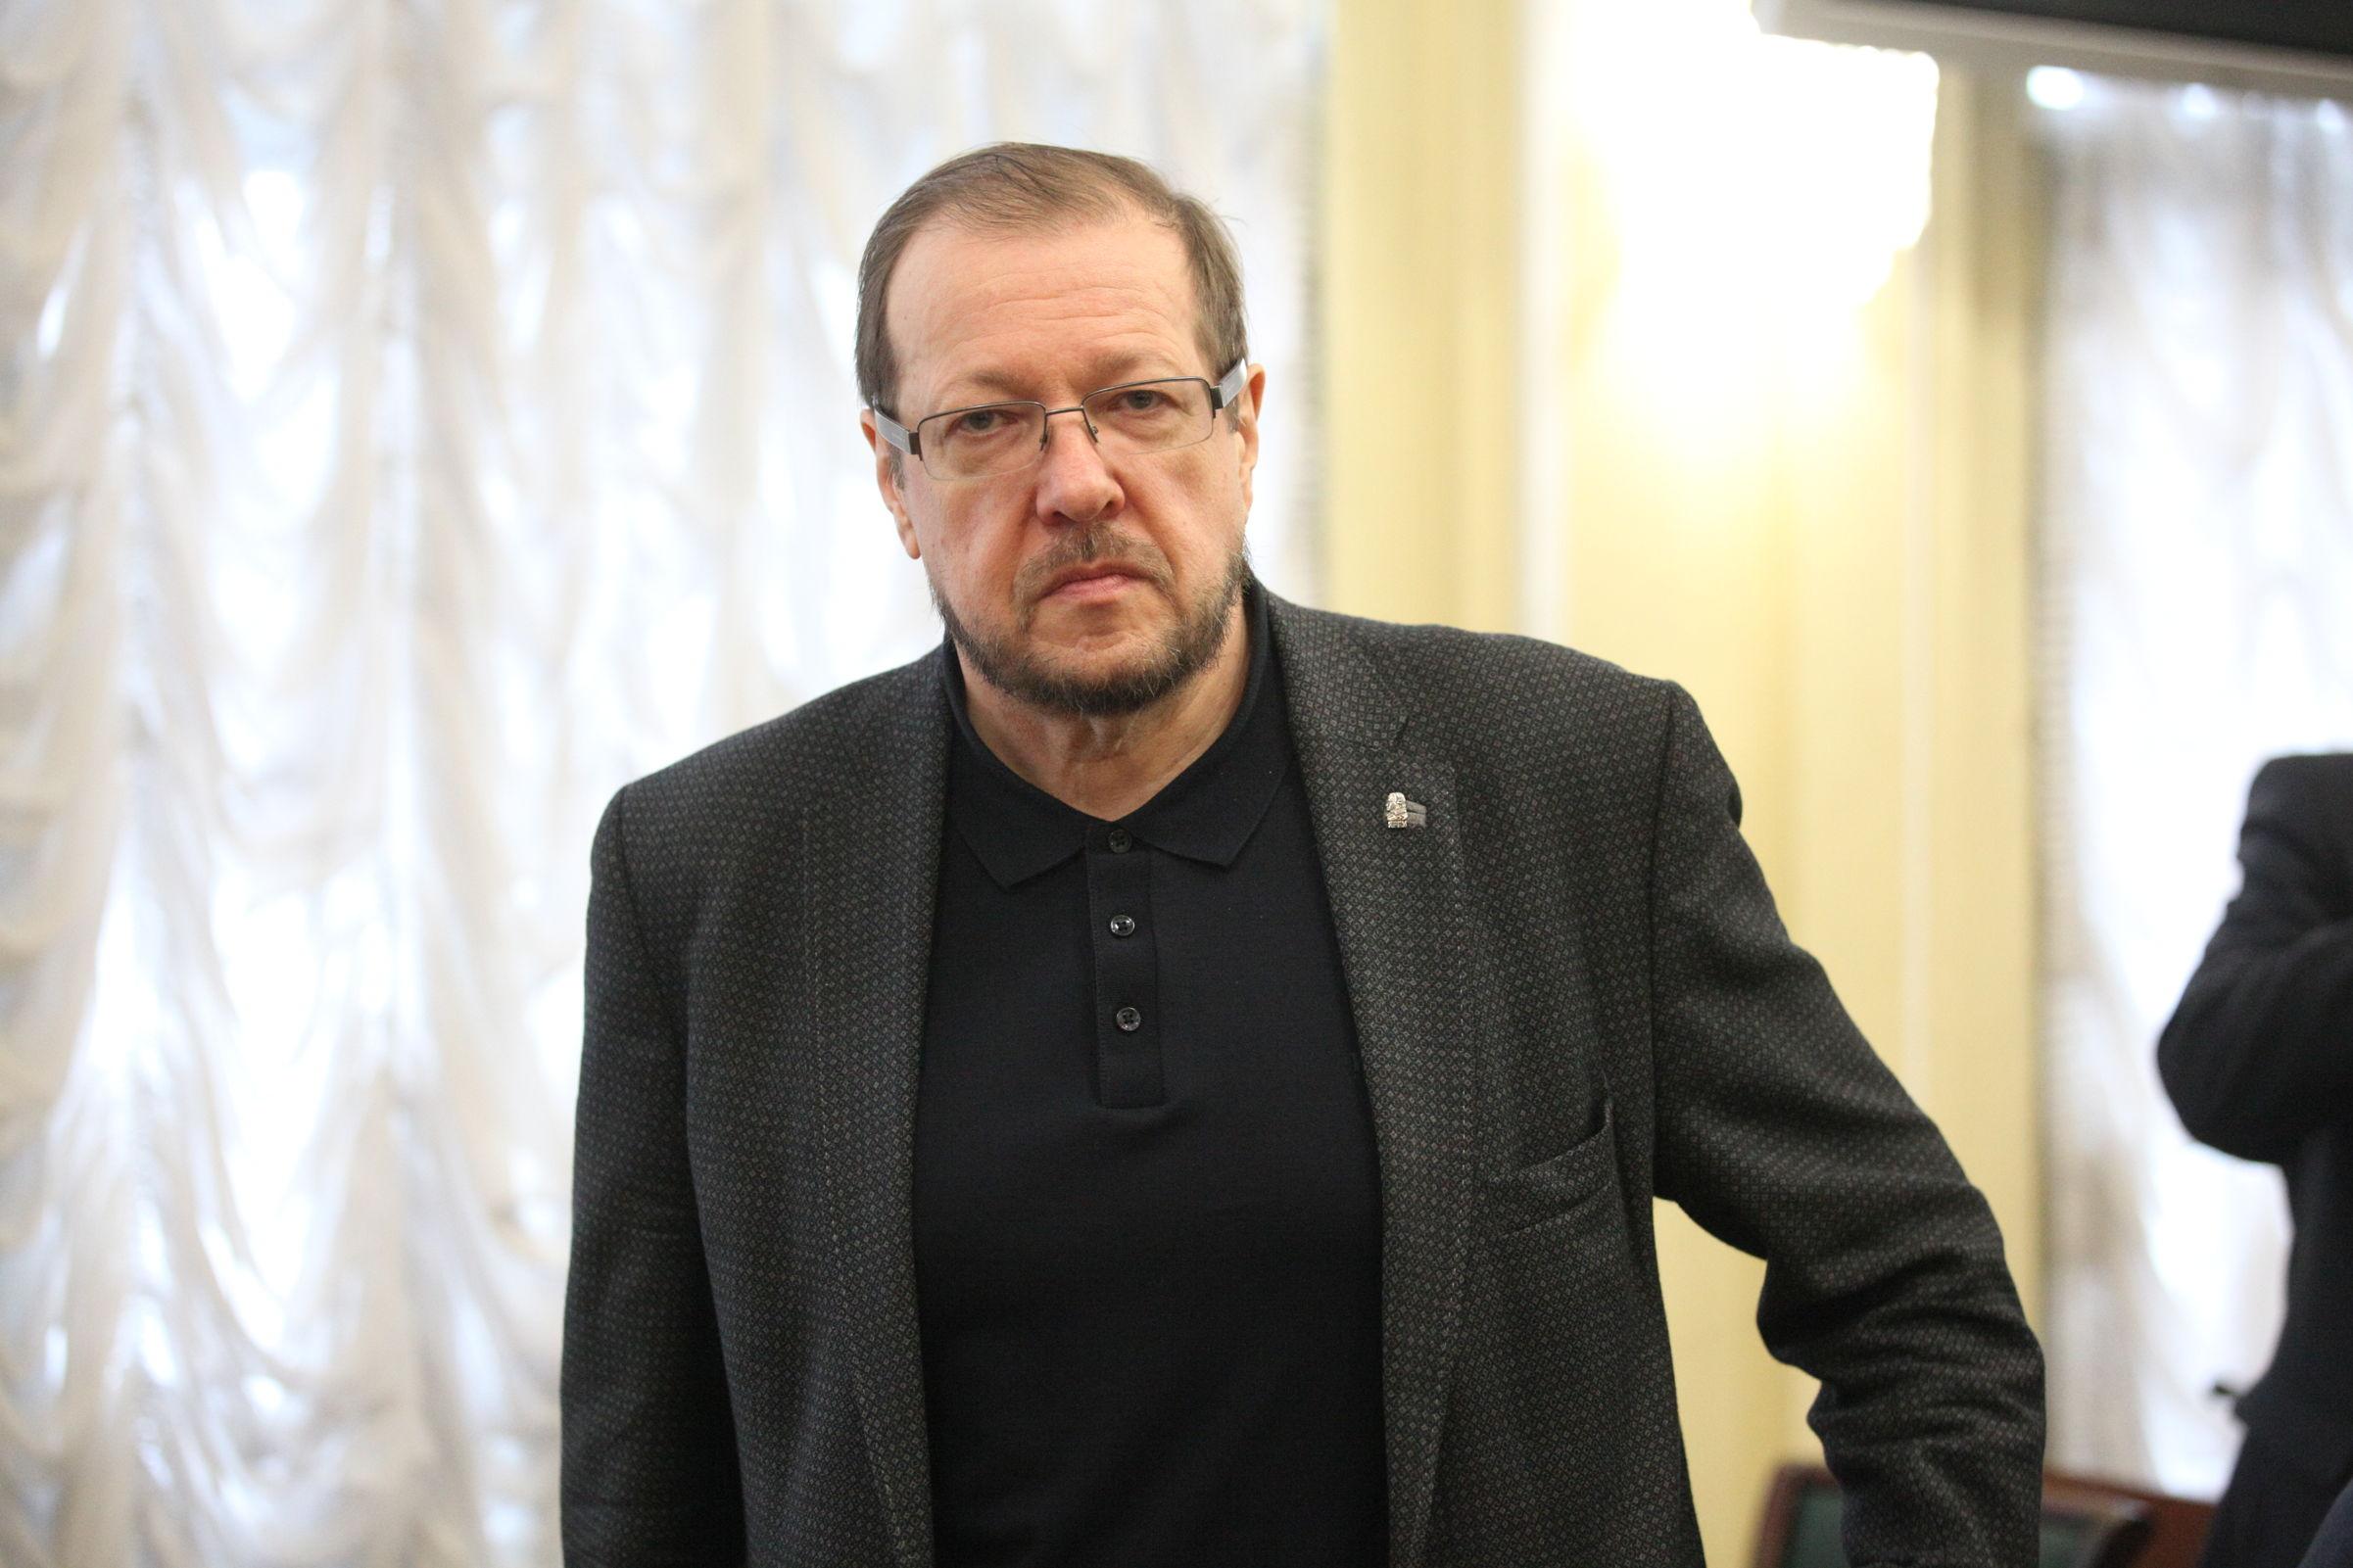 Александр Русаков: увеличение количества бюджетных мест в вузах страны – это стратегическое решение, которое можно только приветствовать